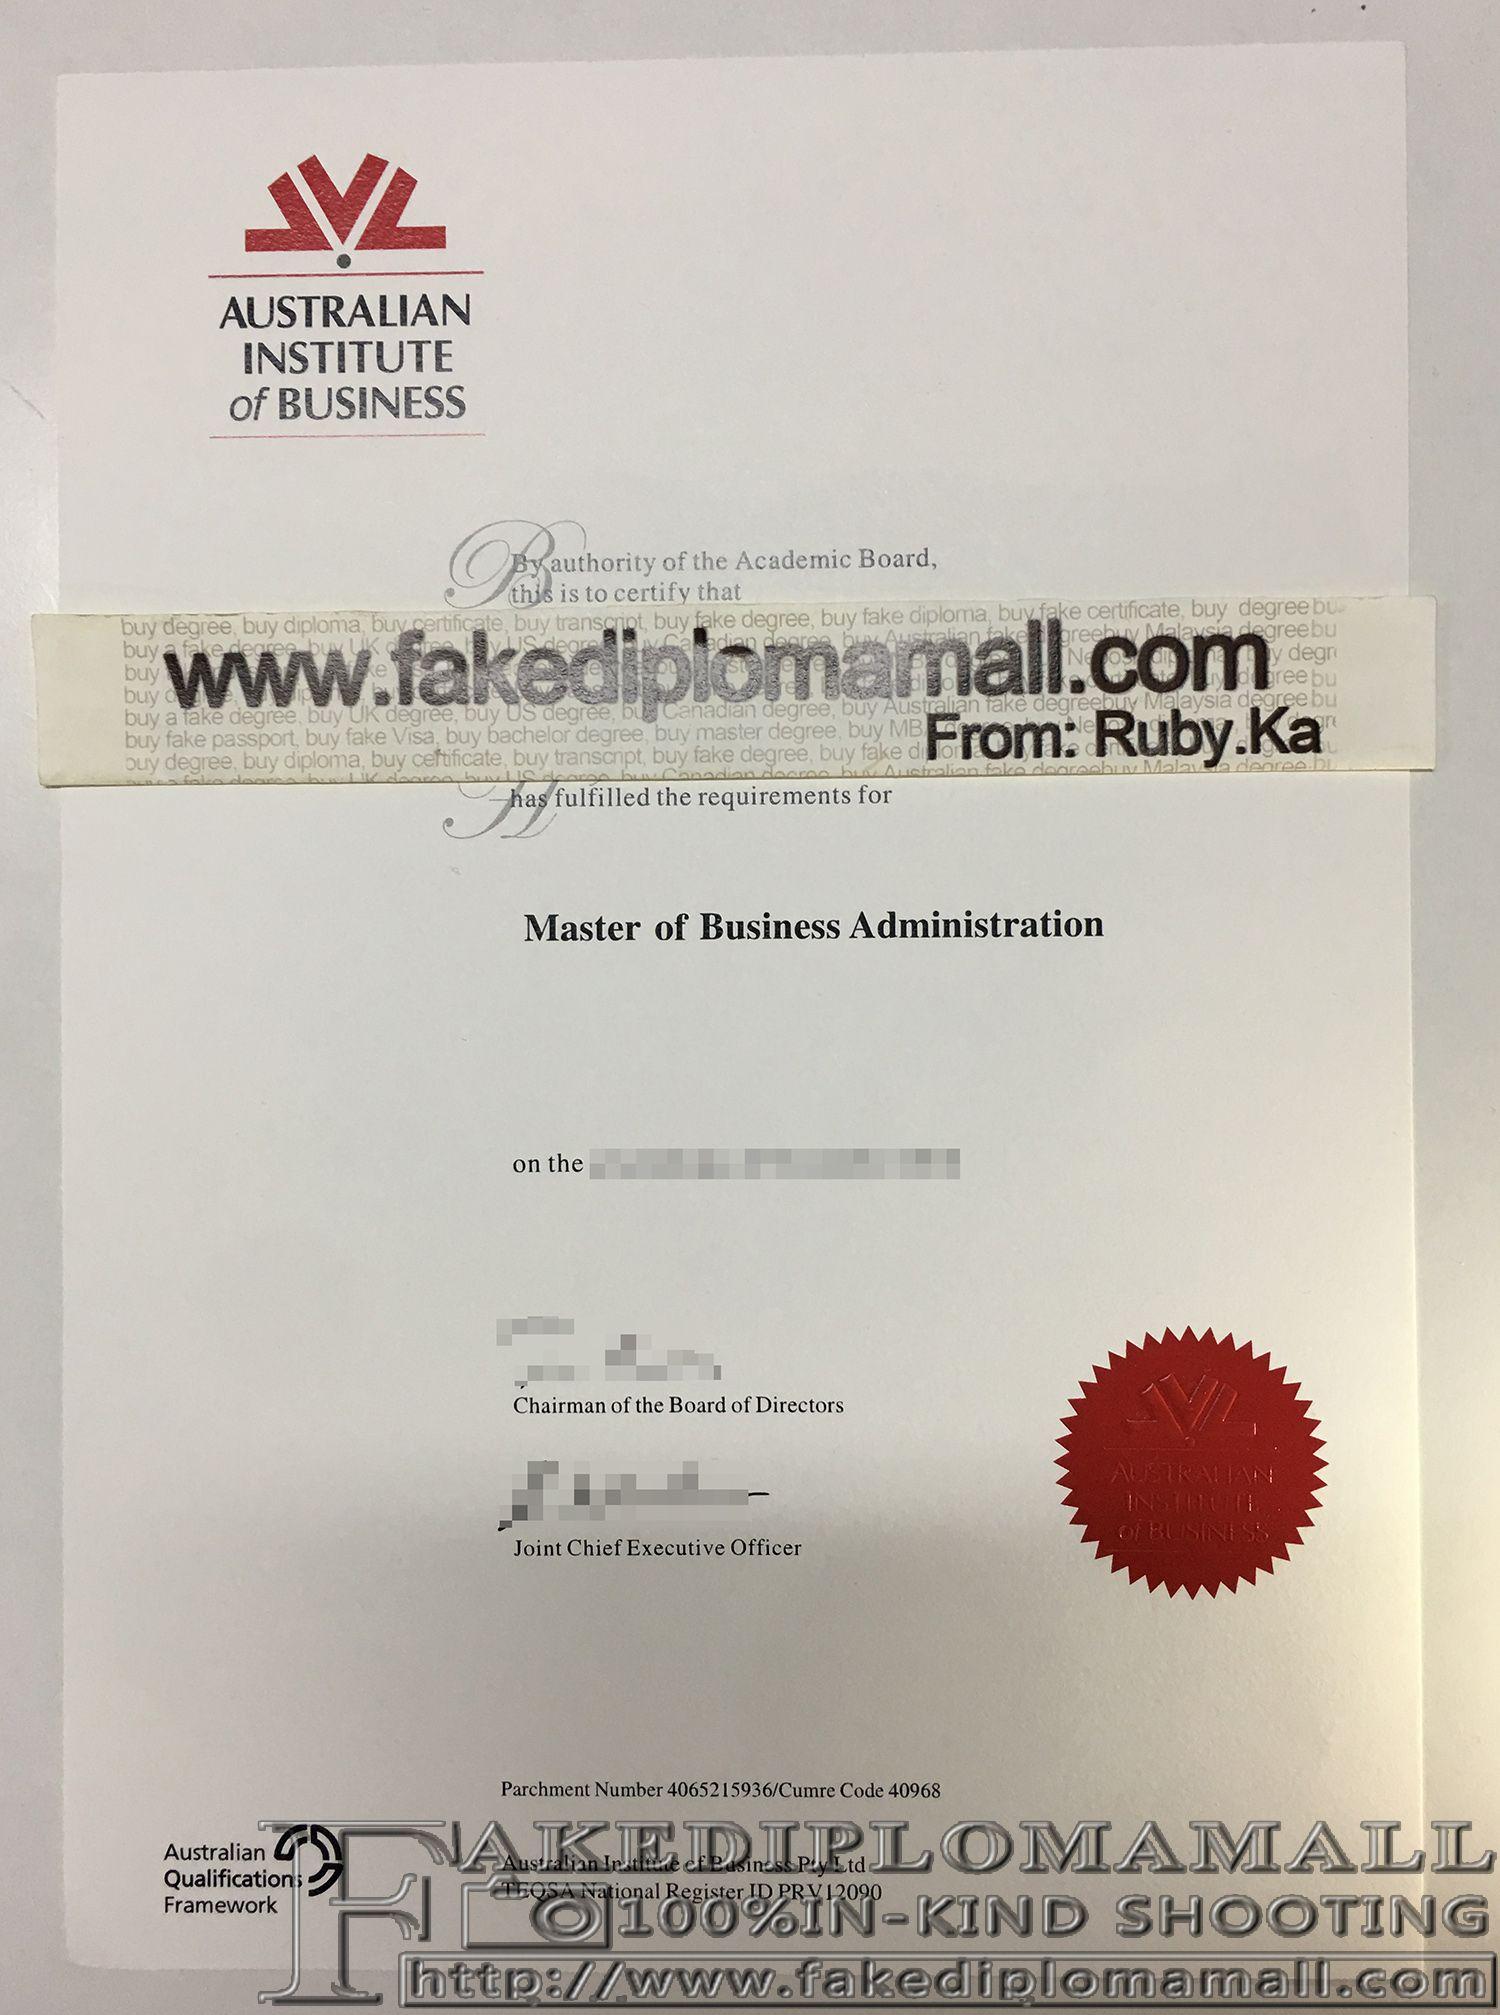 Australian Institute of Business MBA degree fake, Australian ...